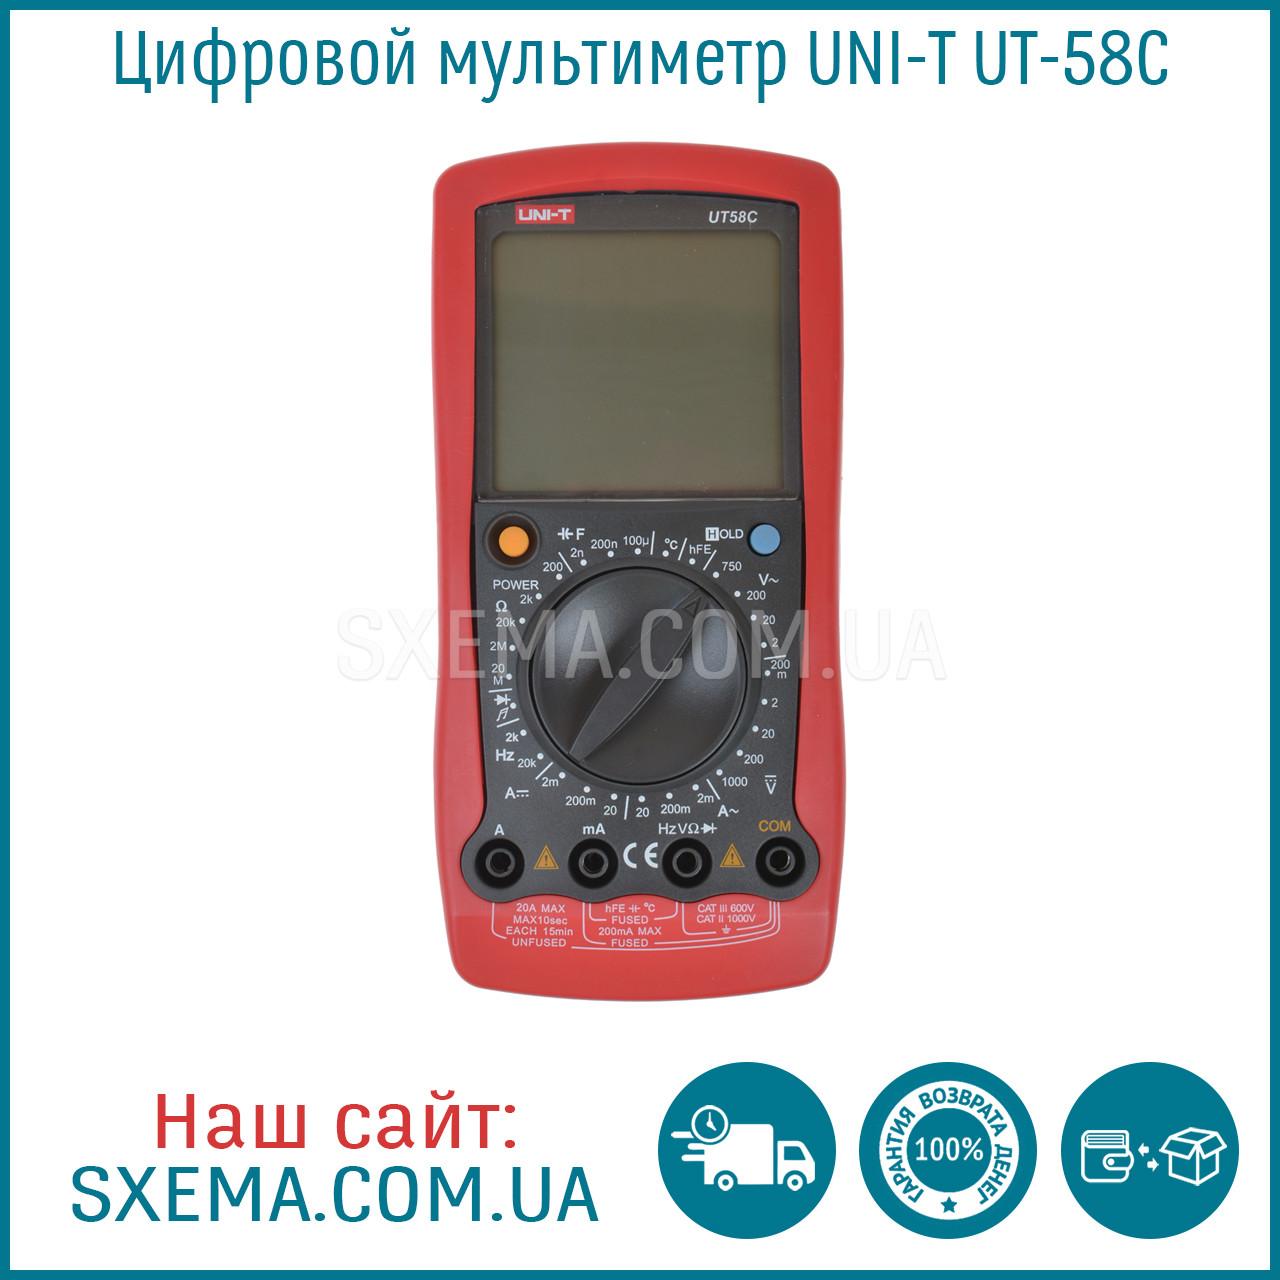 Цифровой мультиметр UNI-T UT-58C